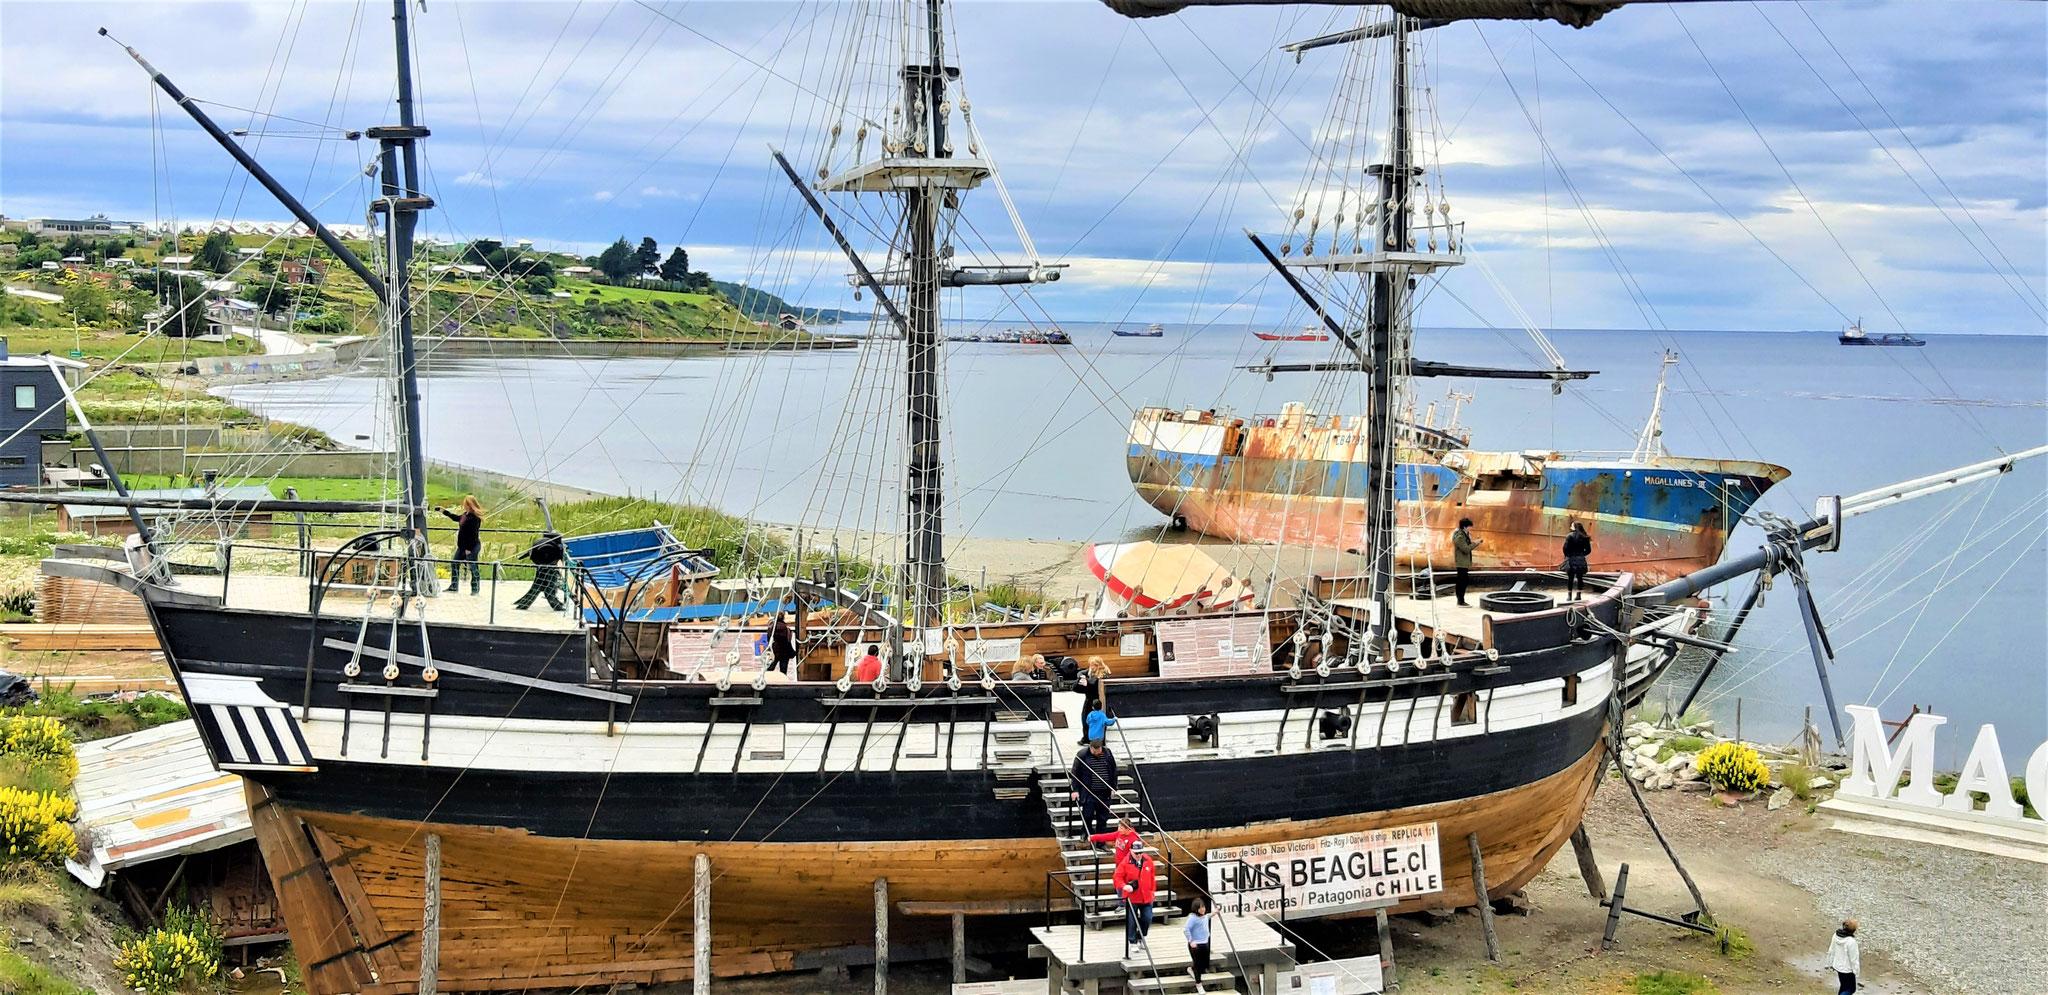 Beagle, Schiff von Fitz Roy